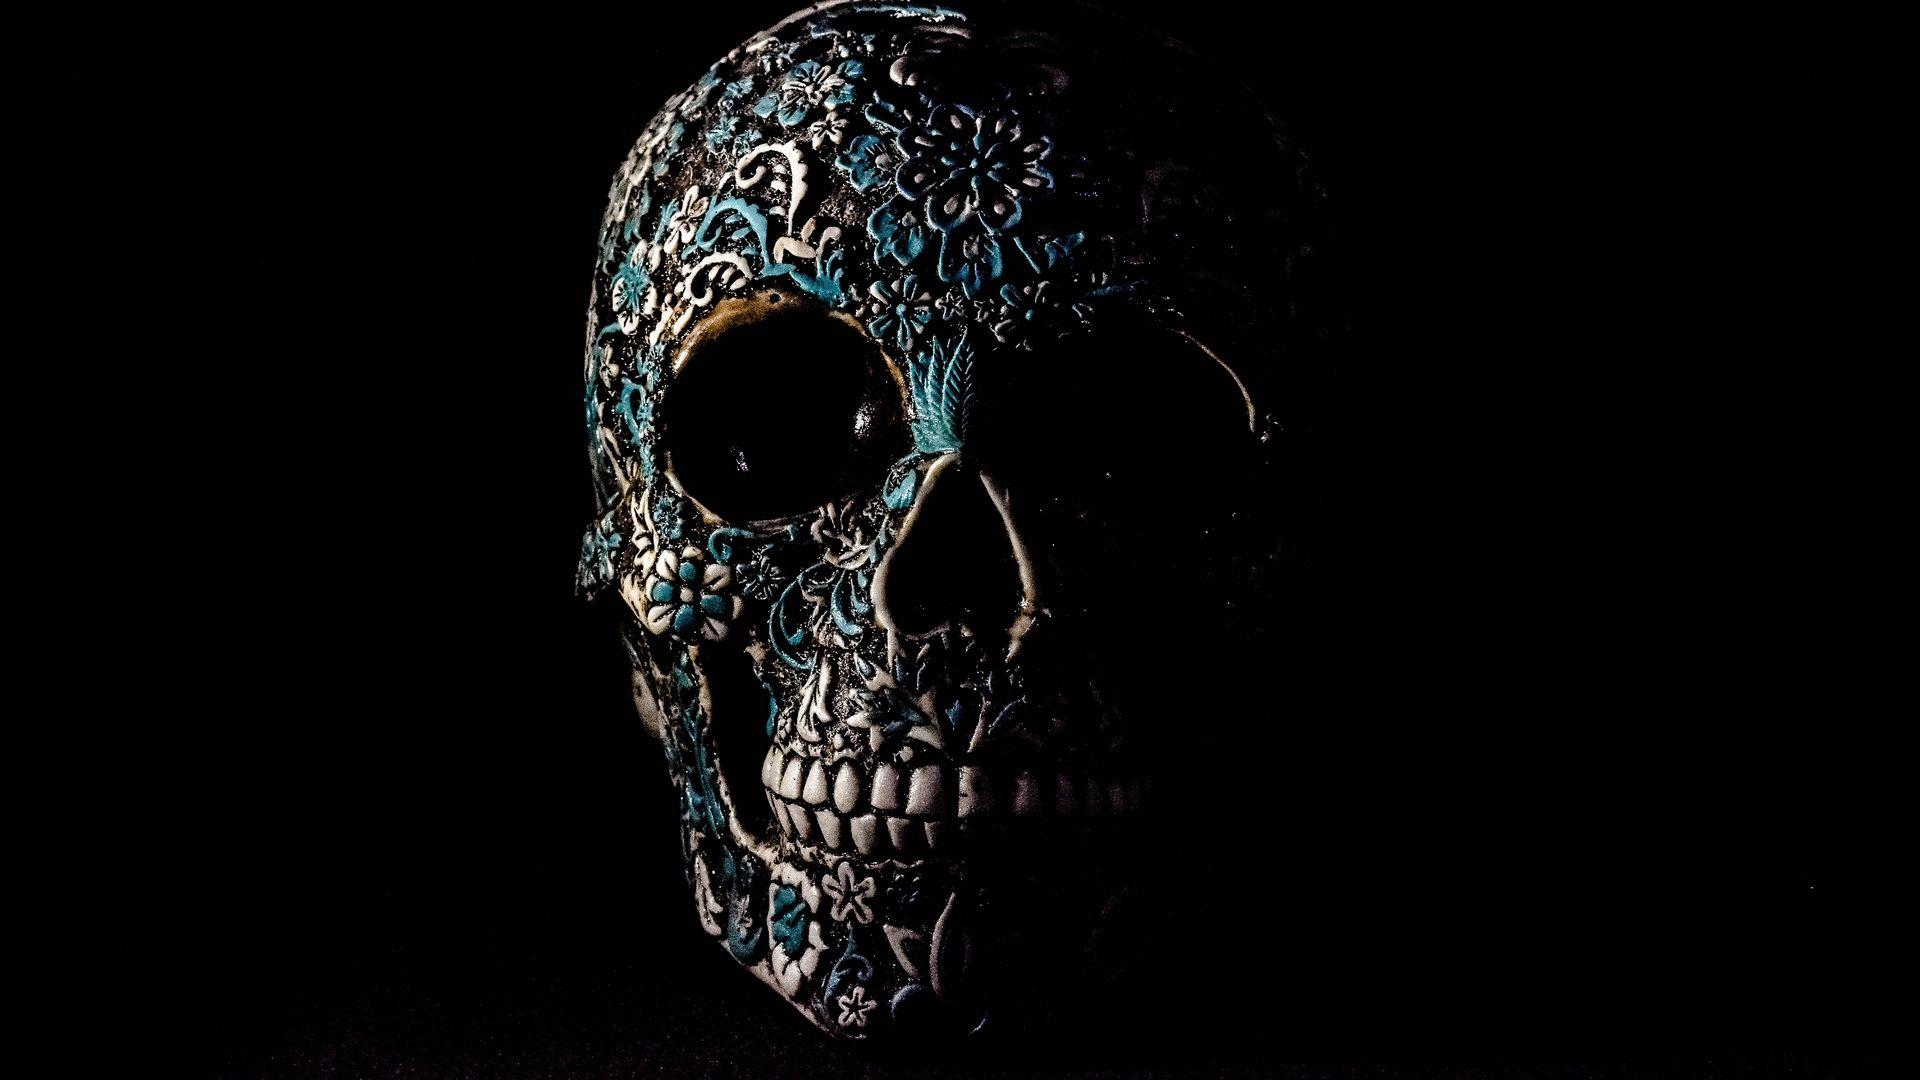 Skull, Dark, Patterns, Bones Wallpapers Full Hd, Hdtv, Fhd